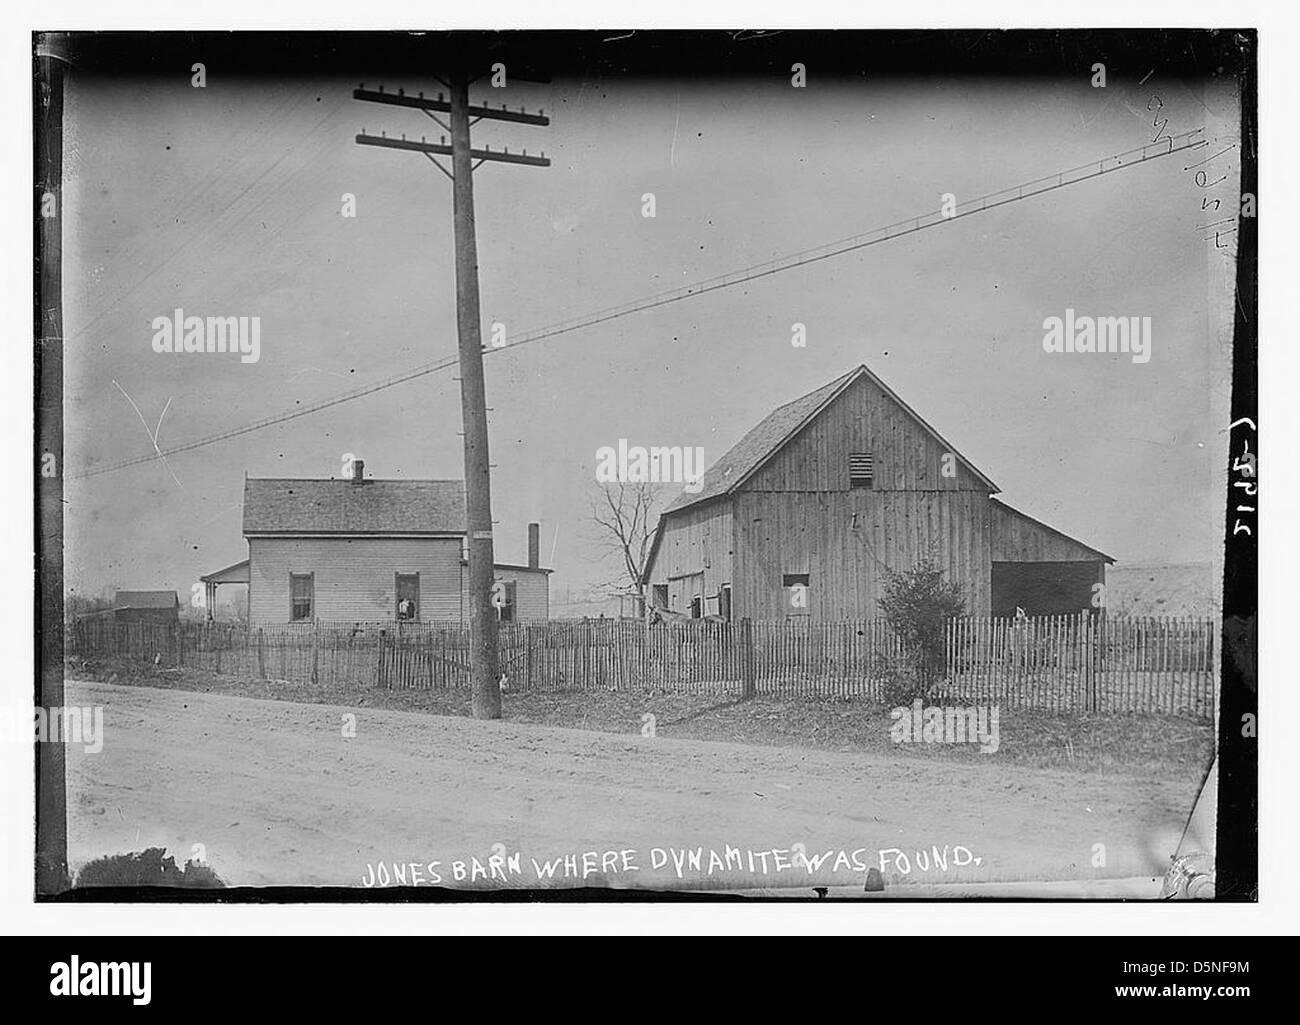 Jones dinamita granero donde fue encontrado (LOC) Imagen De Stock